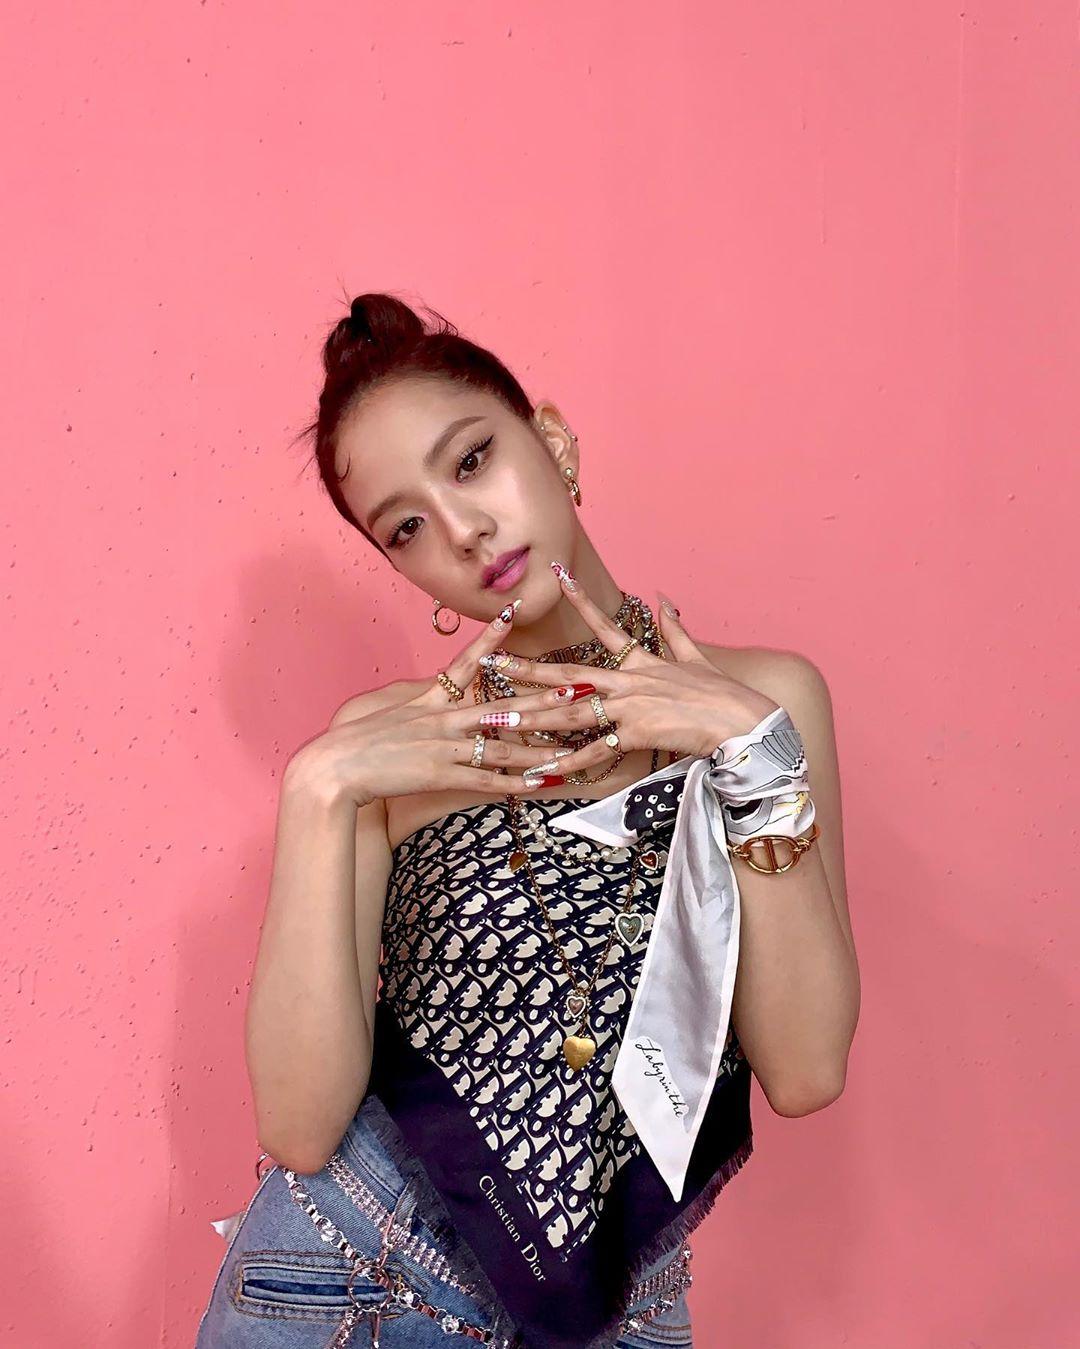 """Lên đồ giống hệt Jisoo, Minh Hằng vẫn """"hiền khô"""" so với idol Hoa hậu - Ảnh 2."""